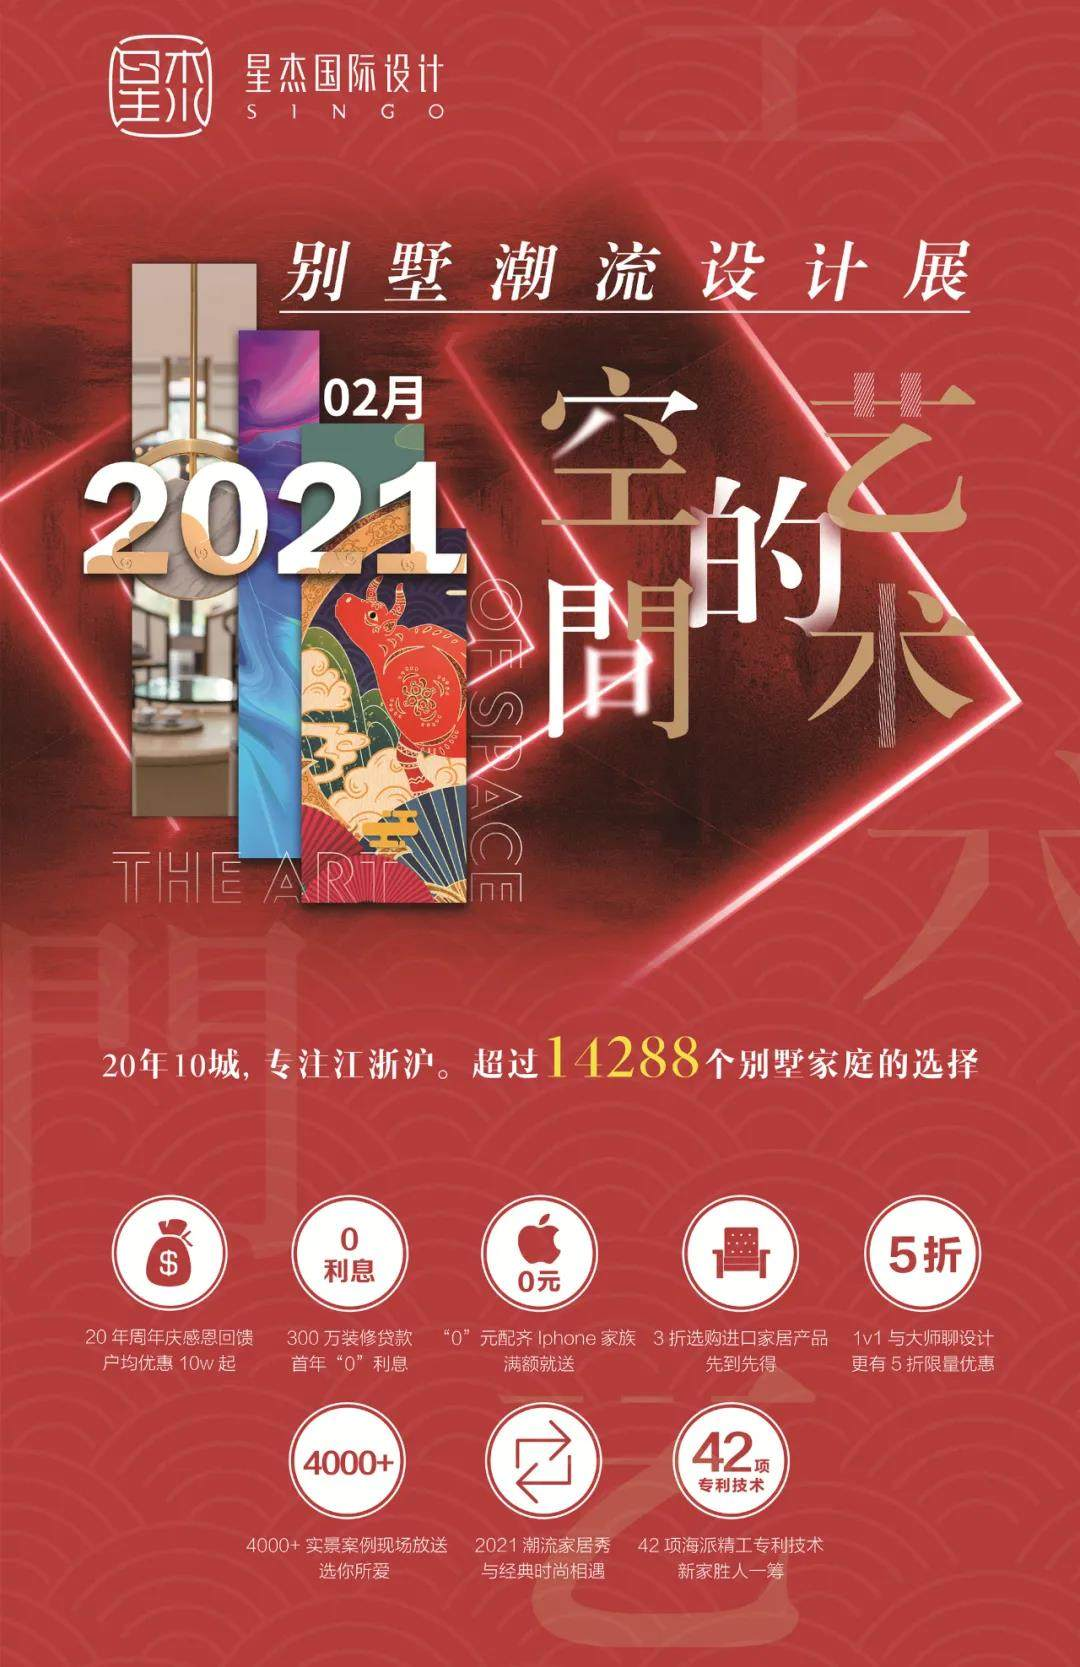 微信图片_20210205114409.jpg